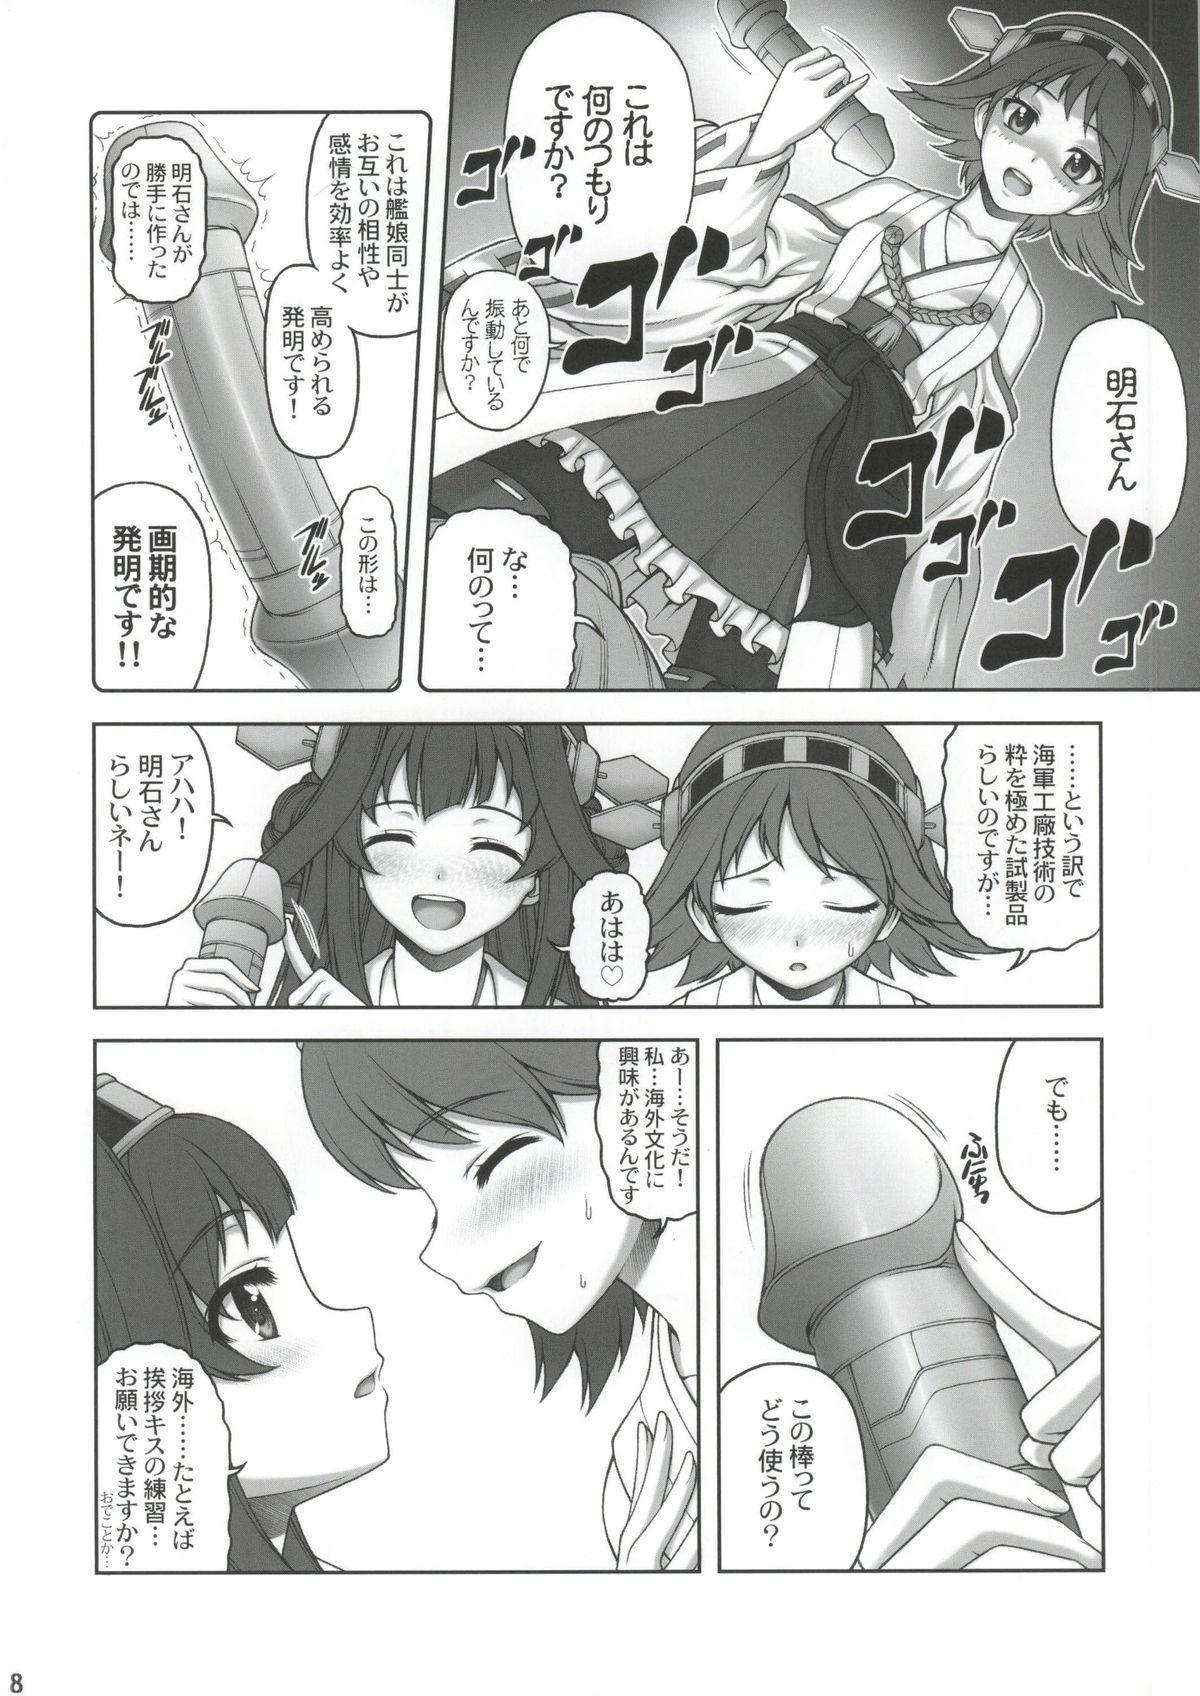 Suki Suki Daisuki Onee-sama! 4